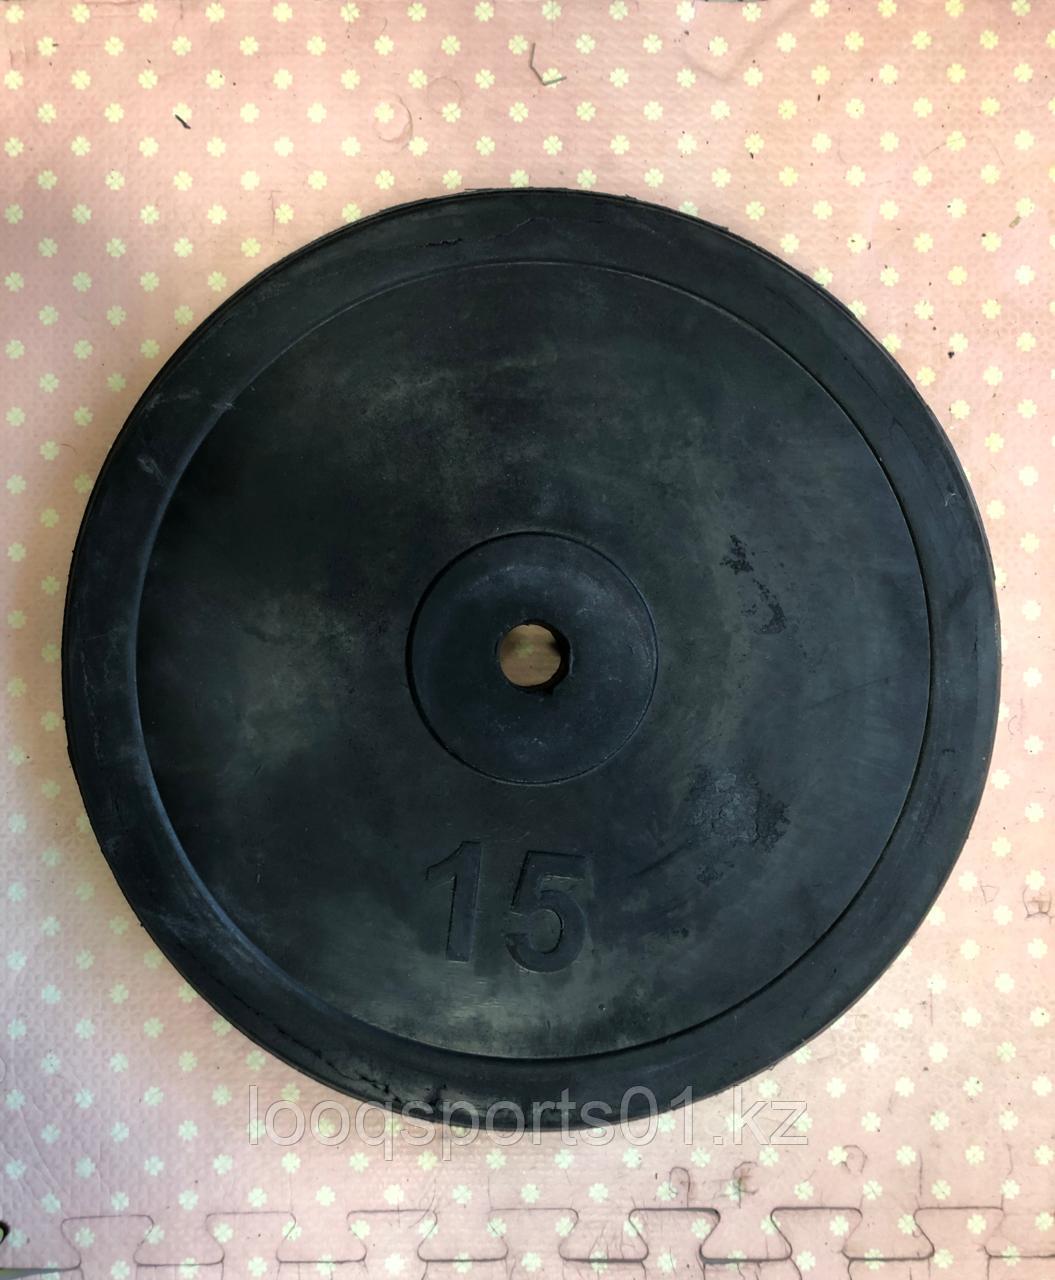 Резиновые блины для штанги грифа (диски) фитнес 15 кг (2 шт)